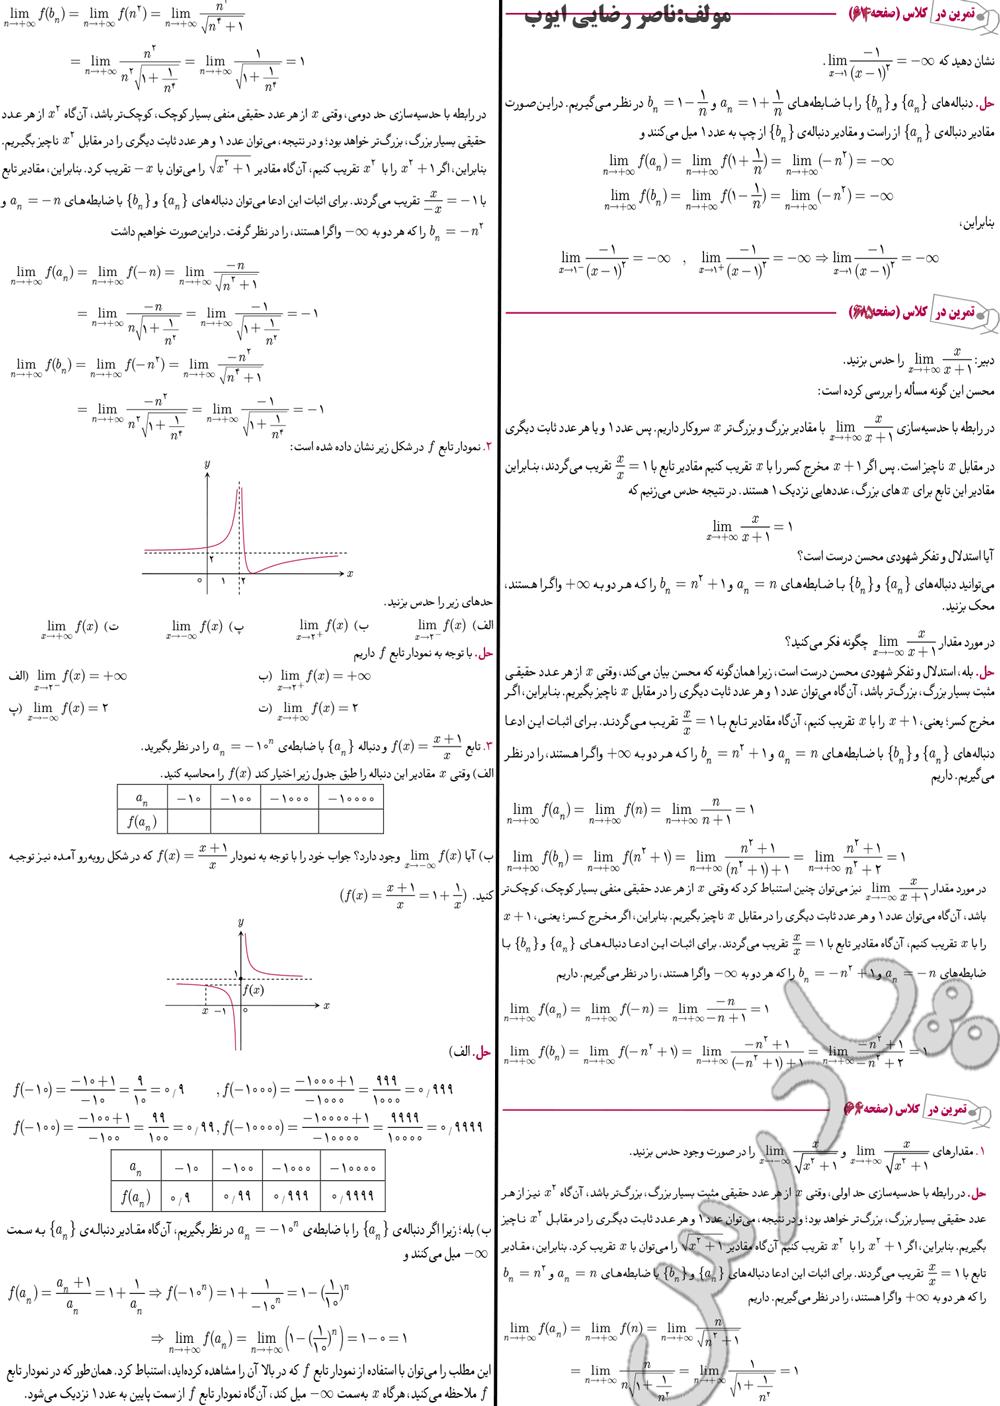 حل تمرین در کلاس صفحه 64 و 65 66 دیفرانسیل پیش دانشگاهی